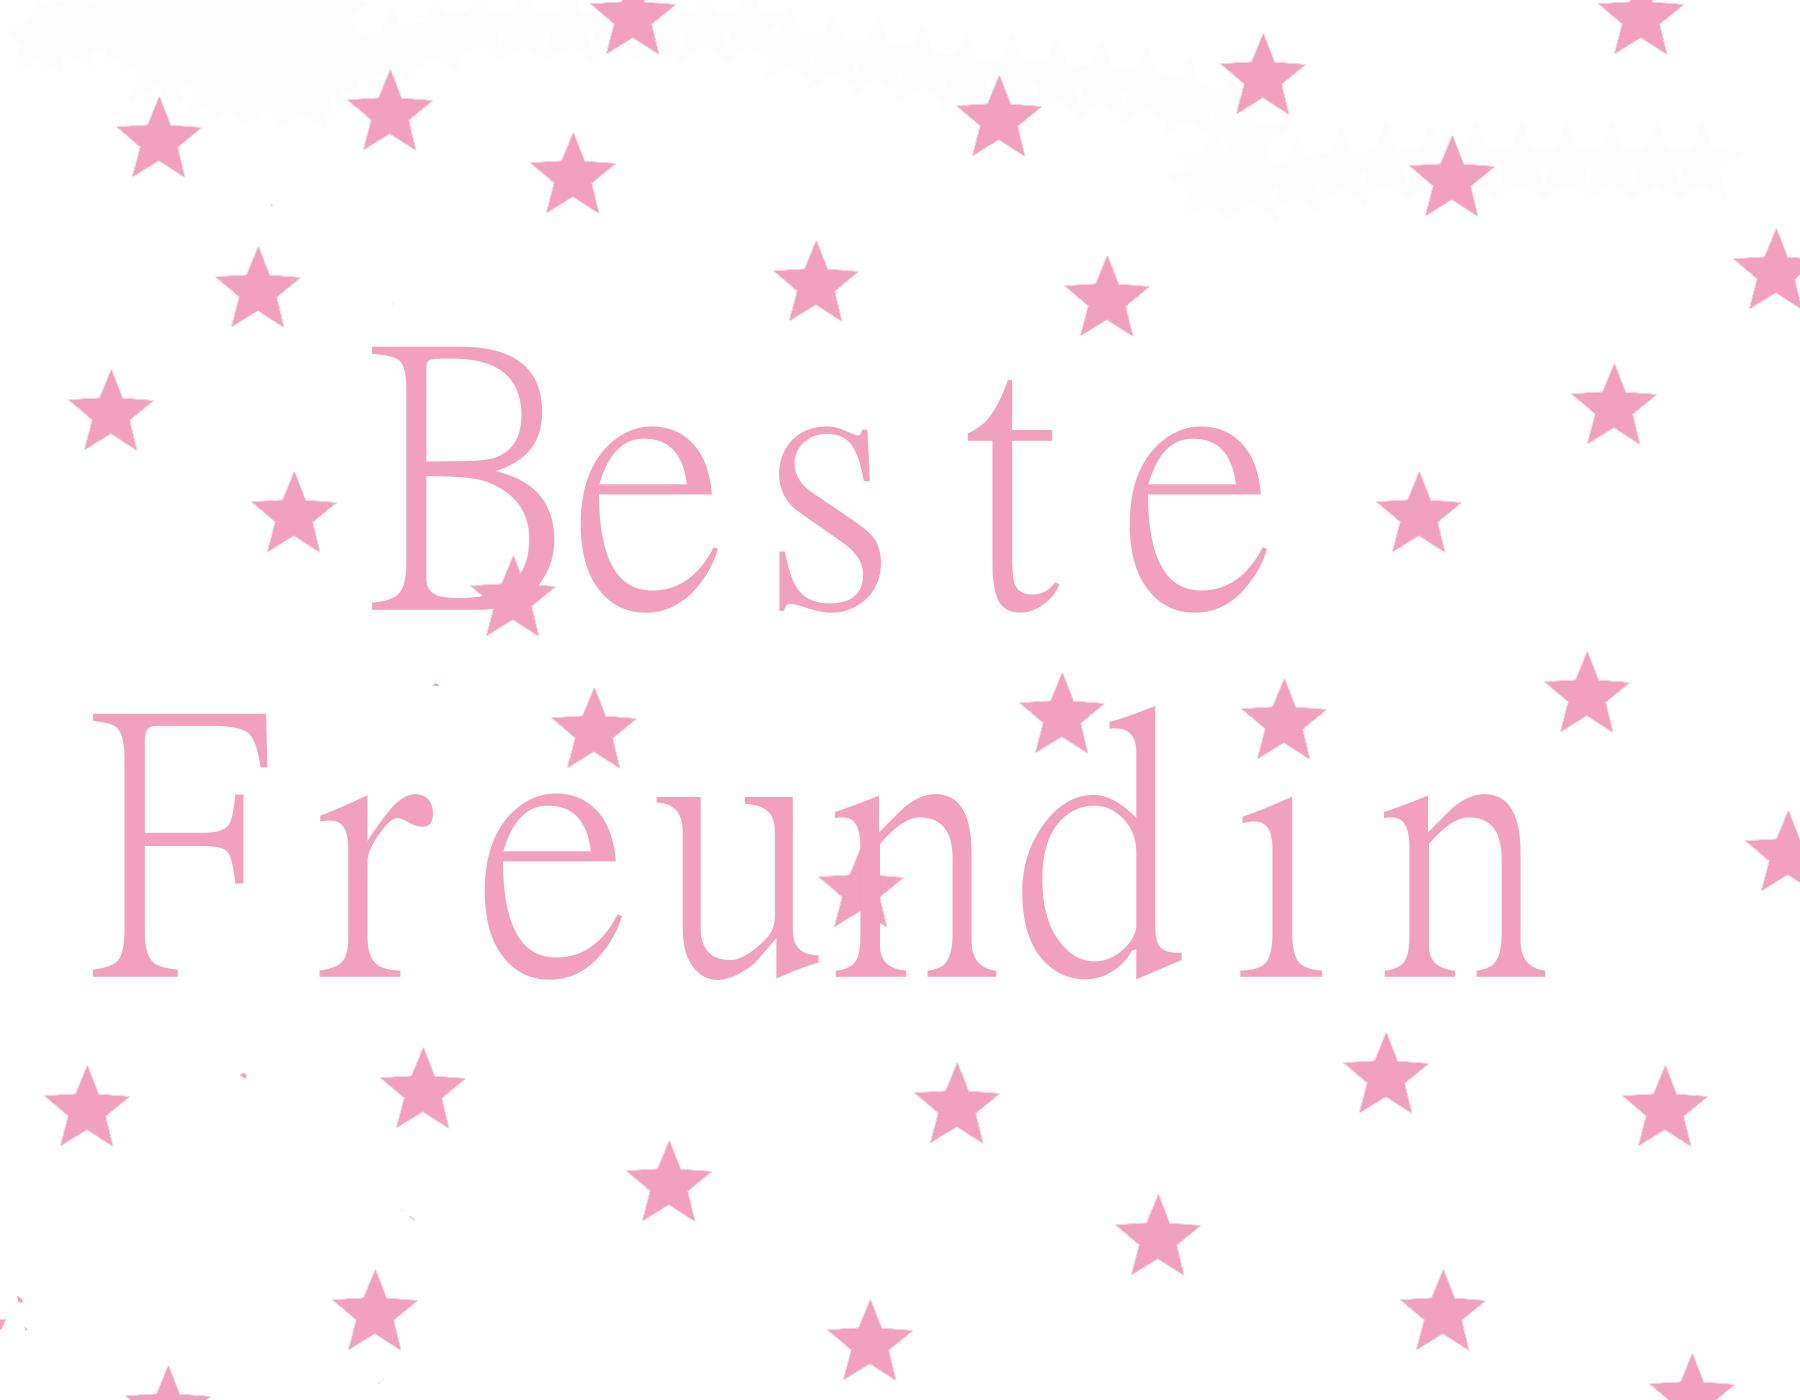 Postkarte Beste Freundin - Beste Freundin PNG